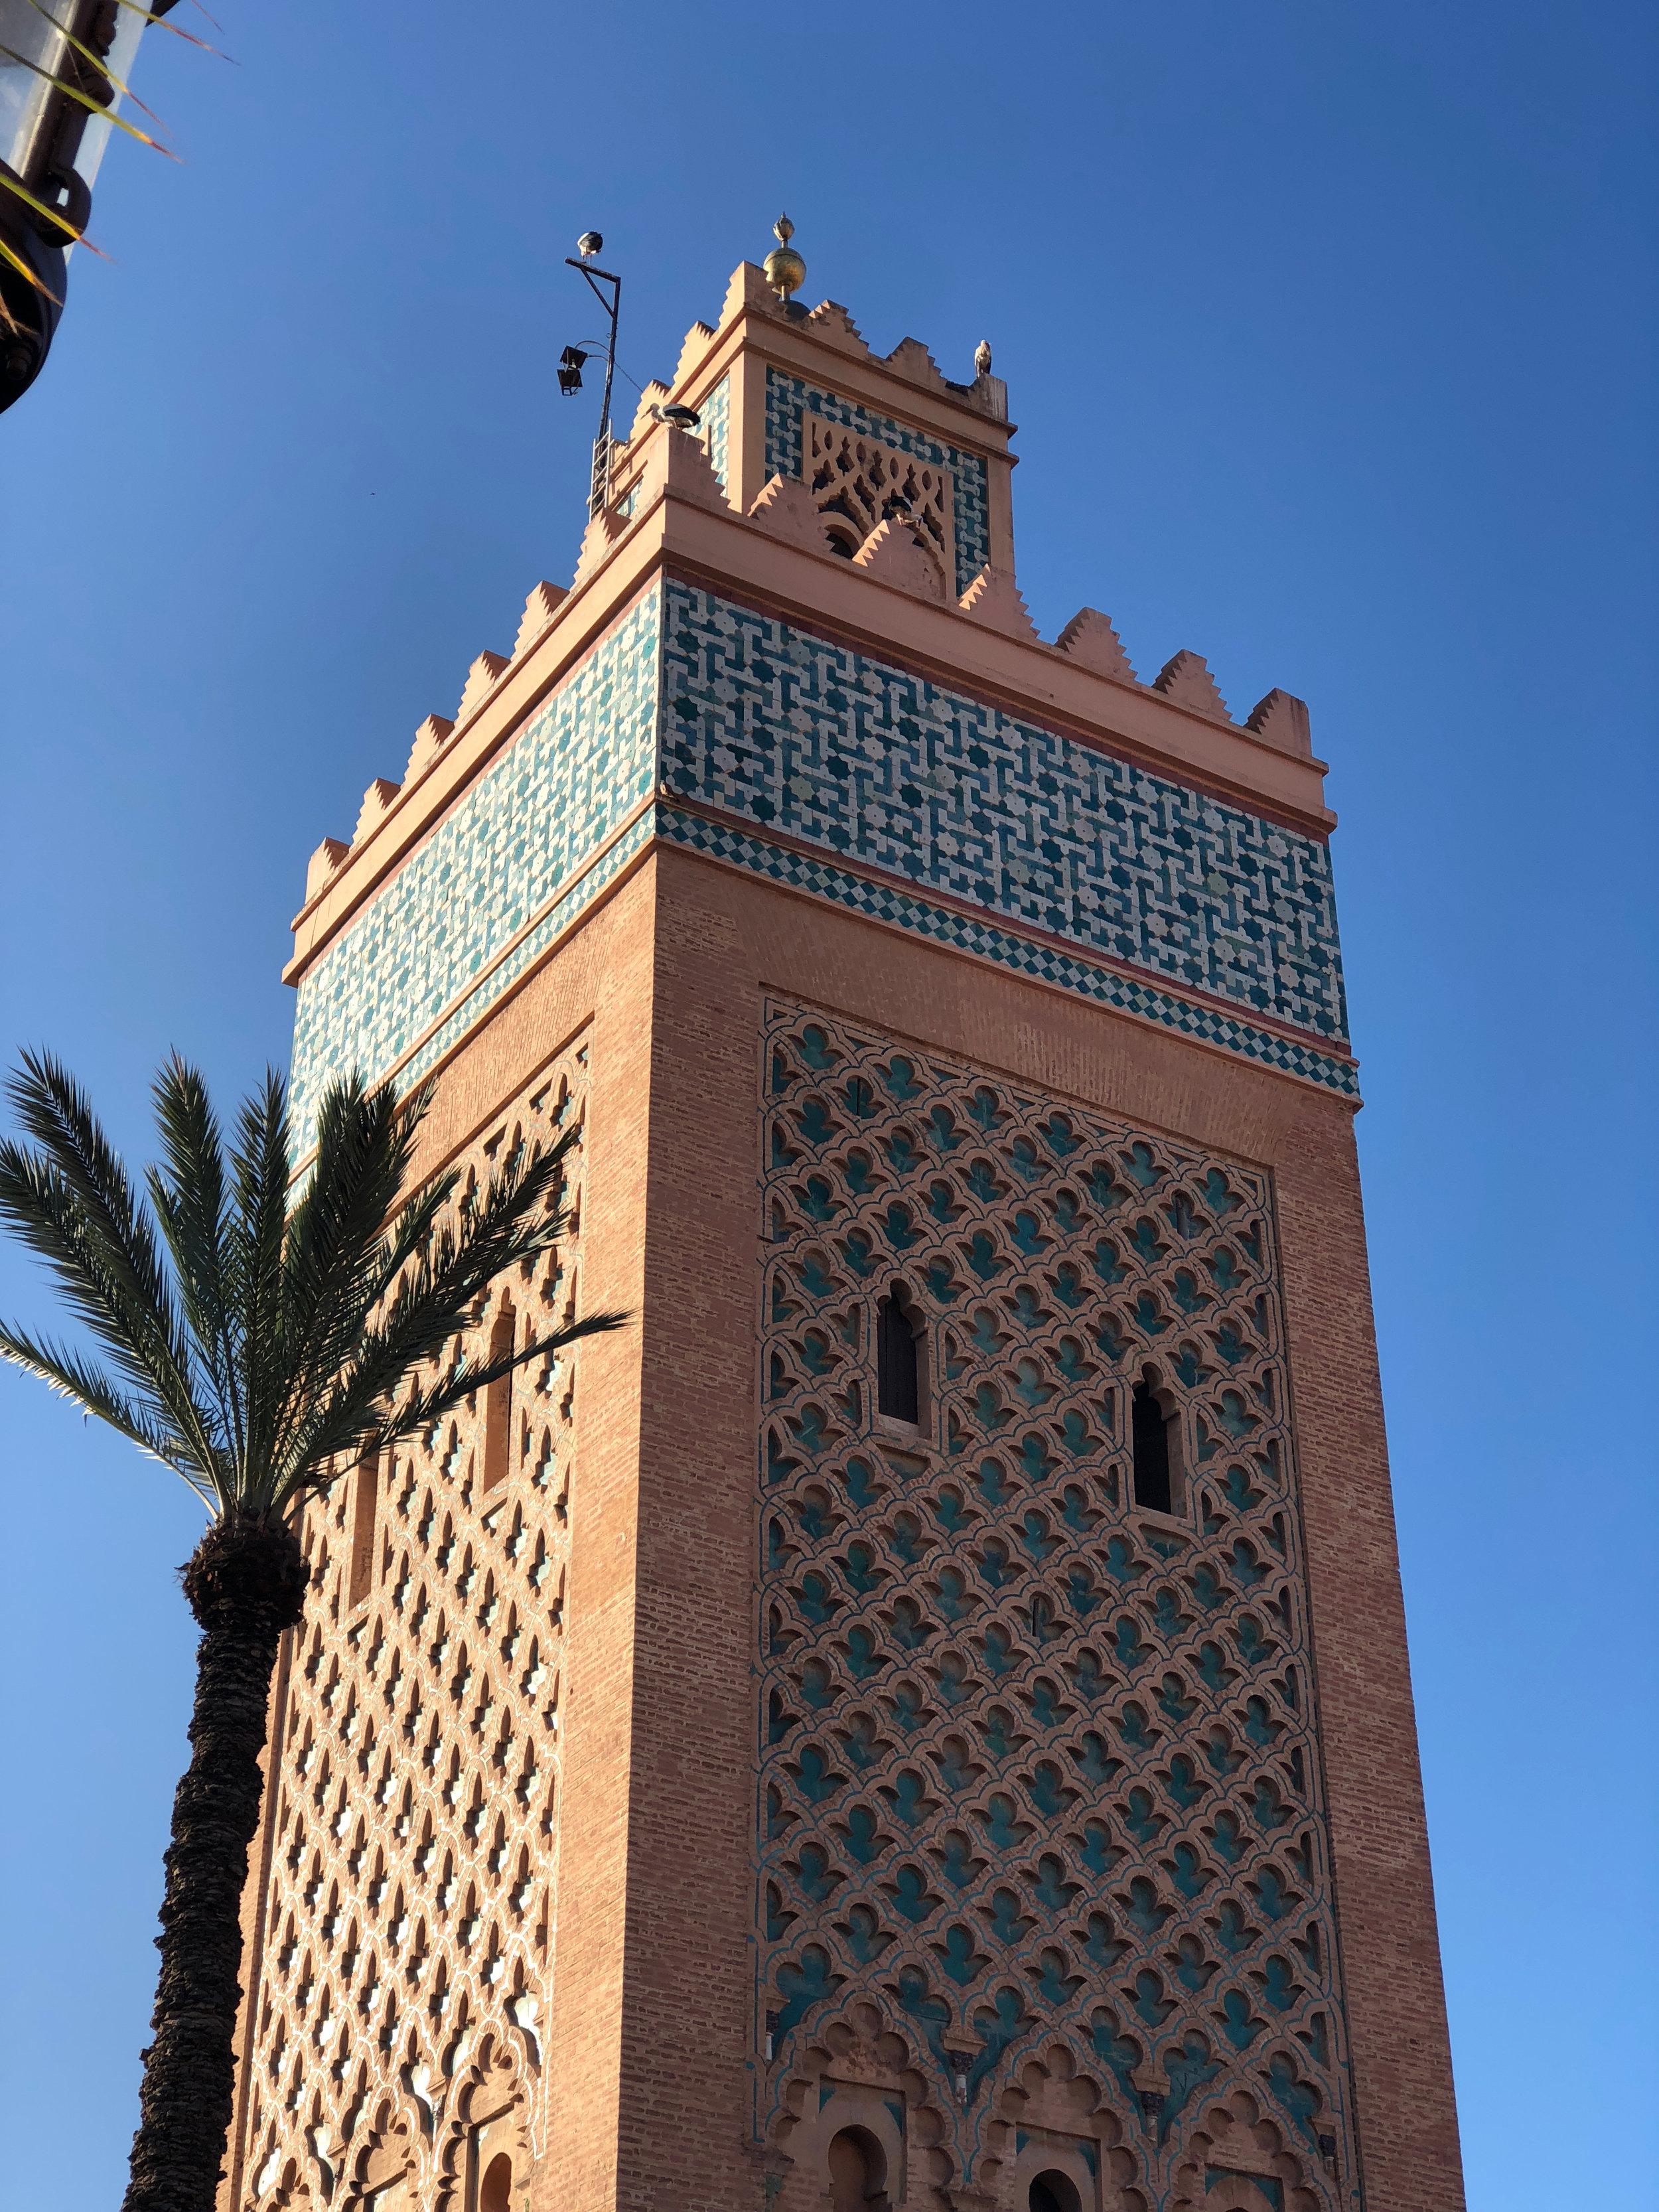 Kasbah Mosque Marrakech, Morocco